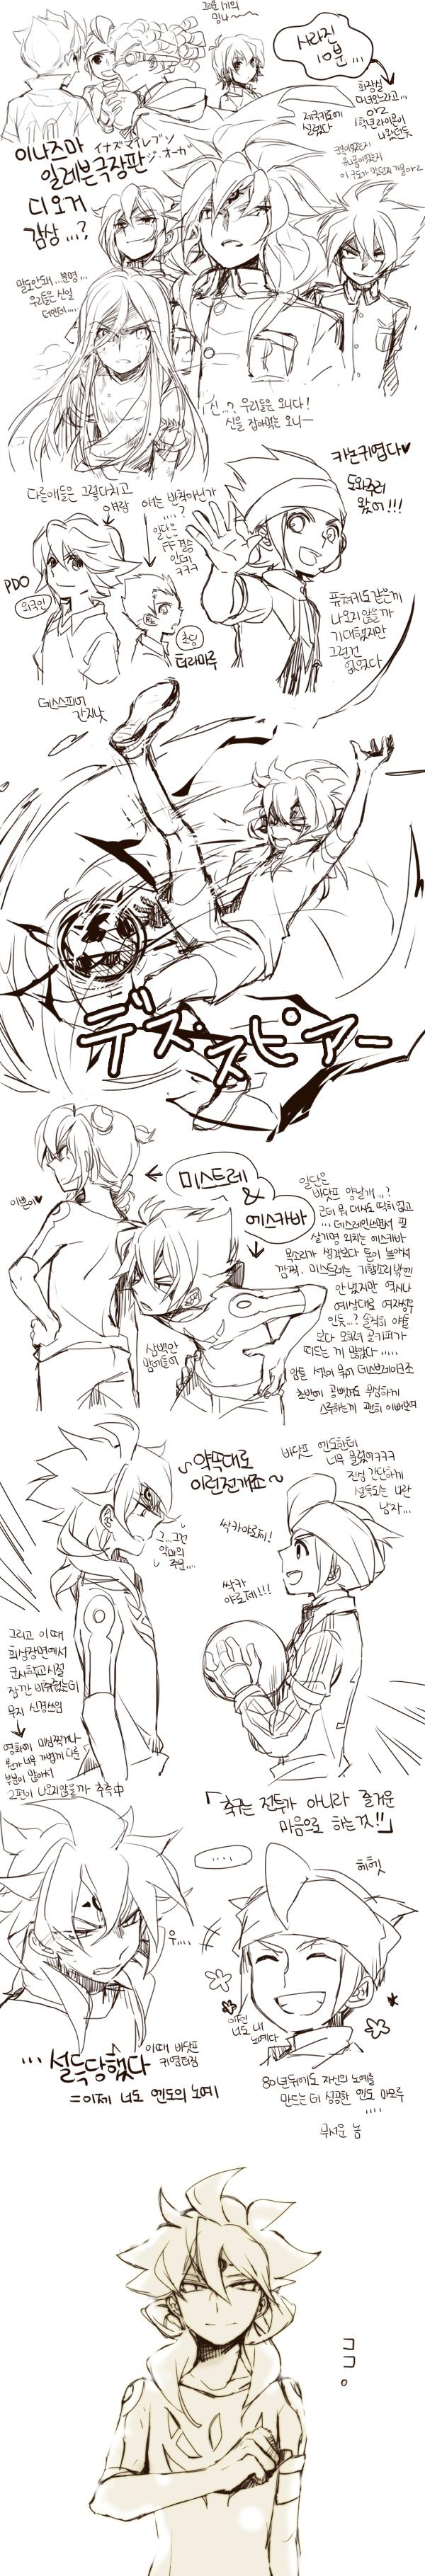 Tags: Anime, Soja, Level-5, Inazuma Eleven, Afuro Terumi, Endou Kanon, Ichinose Kazuya, Domon Asuka, Badarp Slead, Kidou Yuuto, Endou Mamoru, Mistorene Callus, Gouenji Shuuya